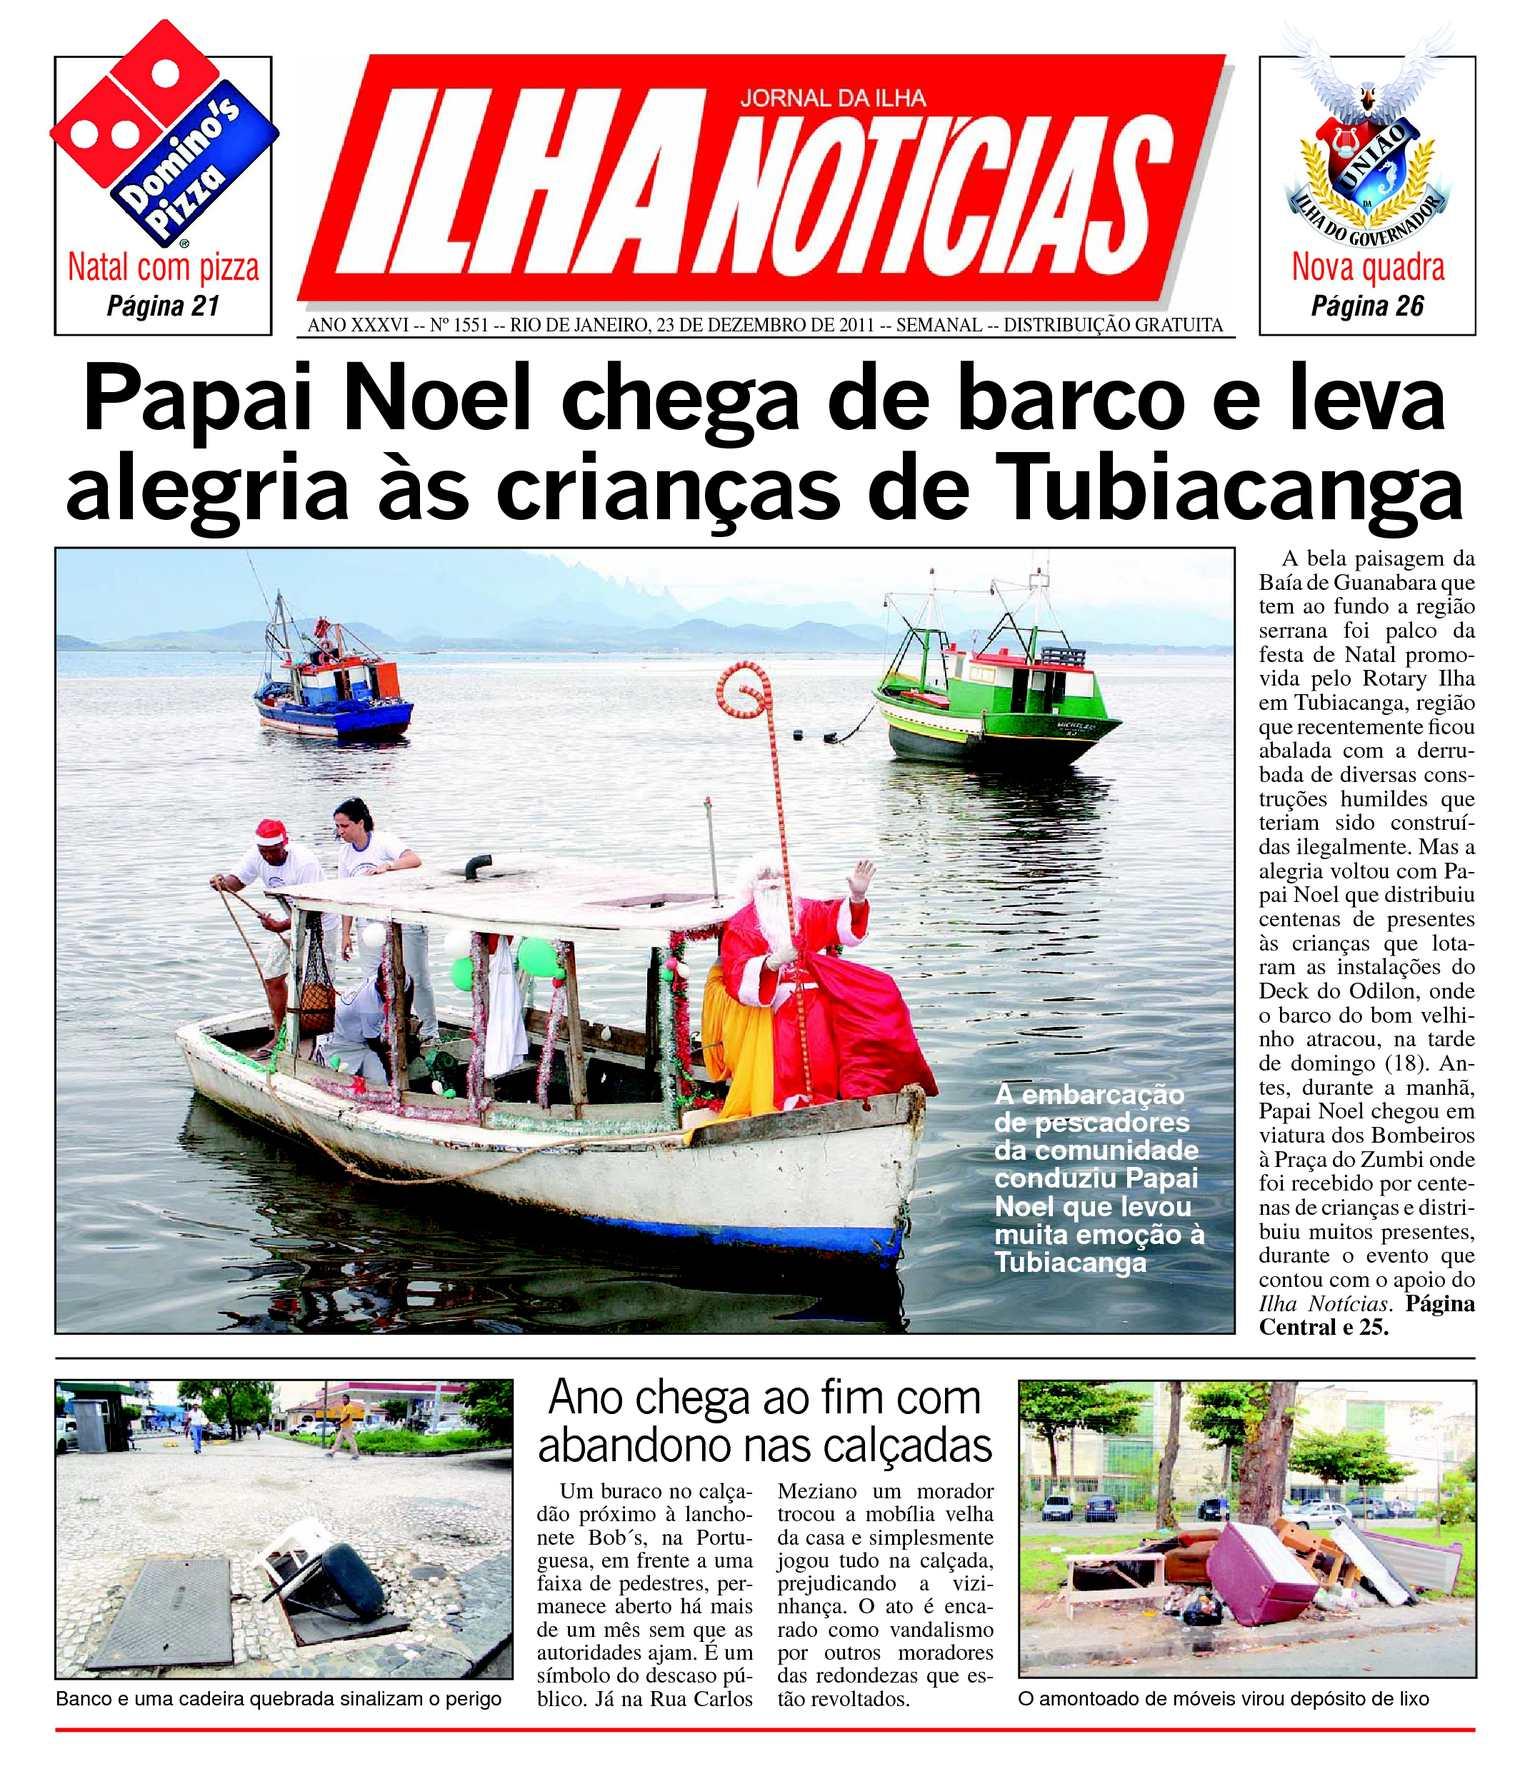 9da98e5cb93 Calaméo - Jornal Ilha Notícias - Edição 1551 - 23 12 2011